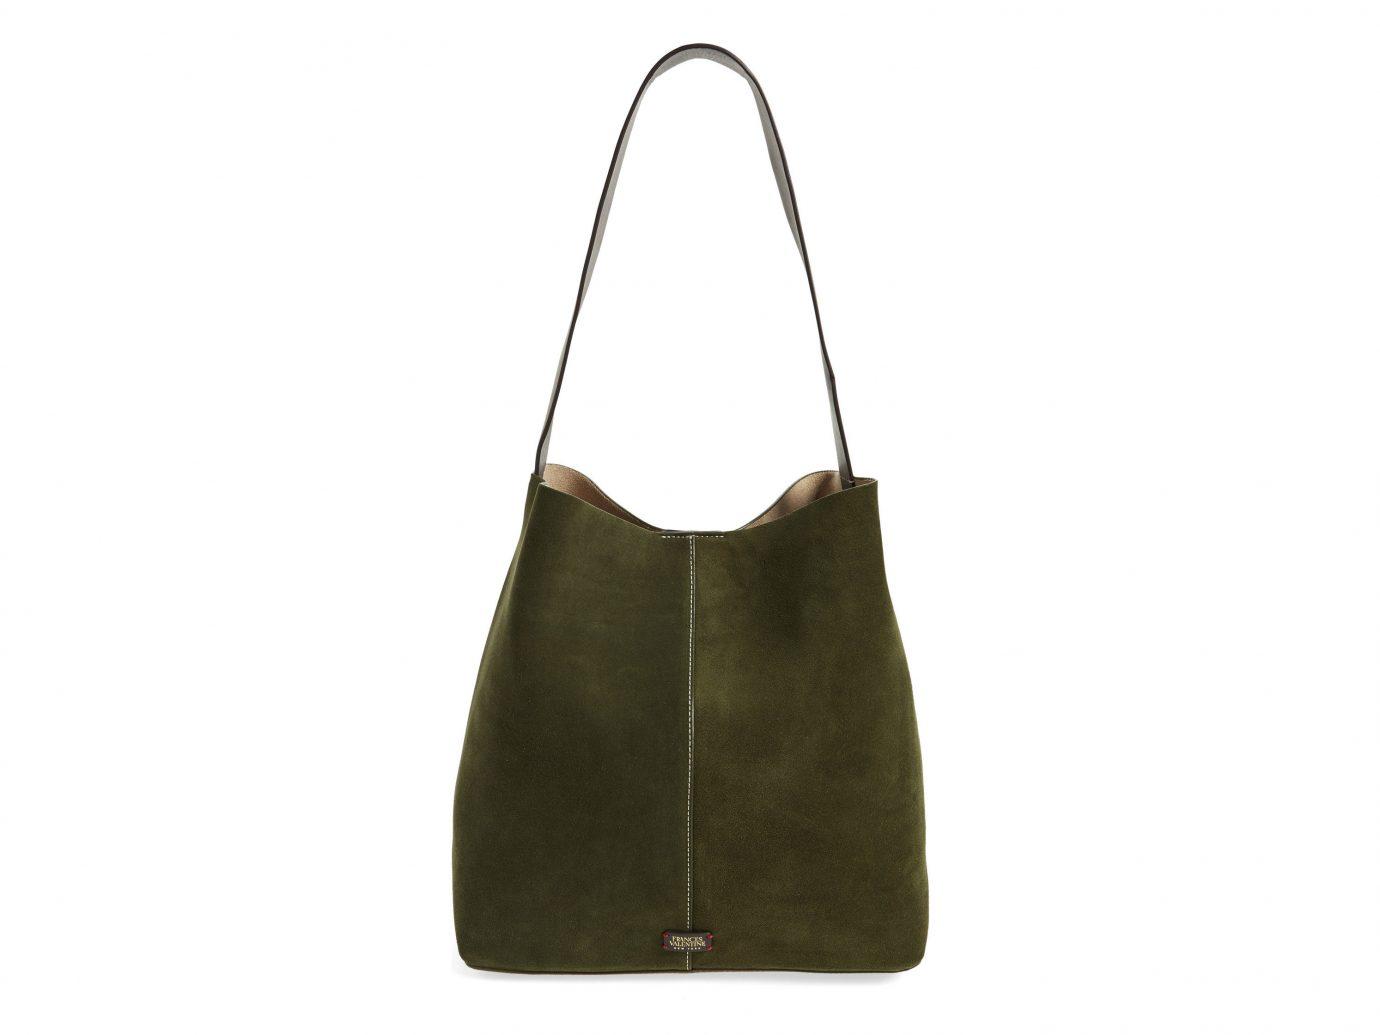 Packing Tips Style + Design Travel Shop Weekend Getaways bag handbag shoulder bag brown leather pocket hobo bag product accessory product design tote bag metal brand suede beige